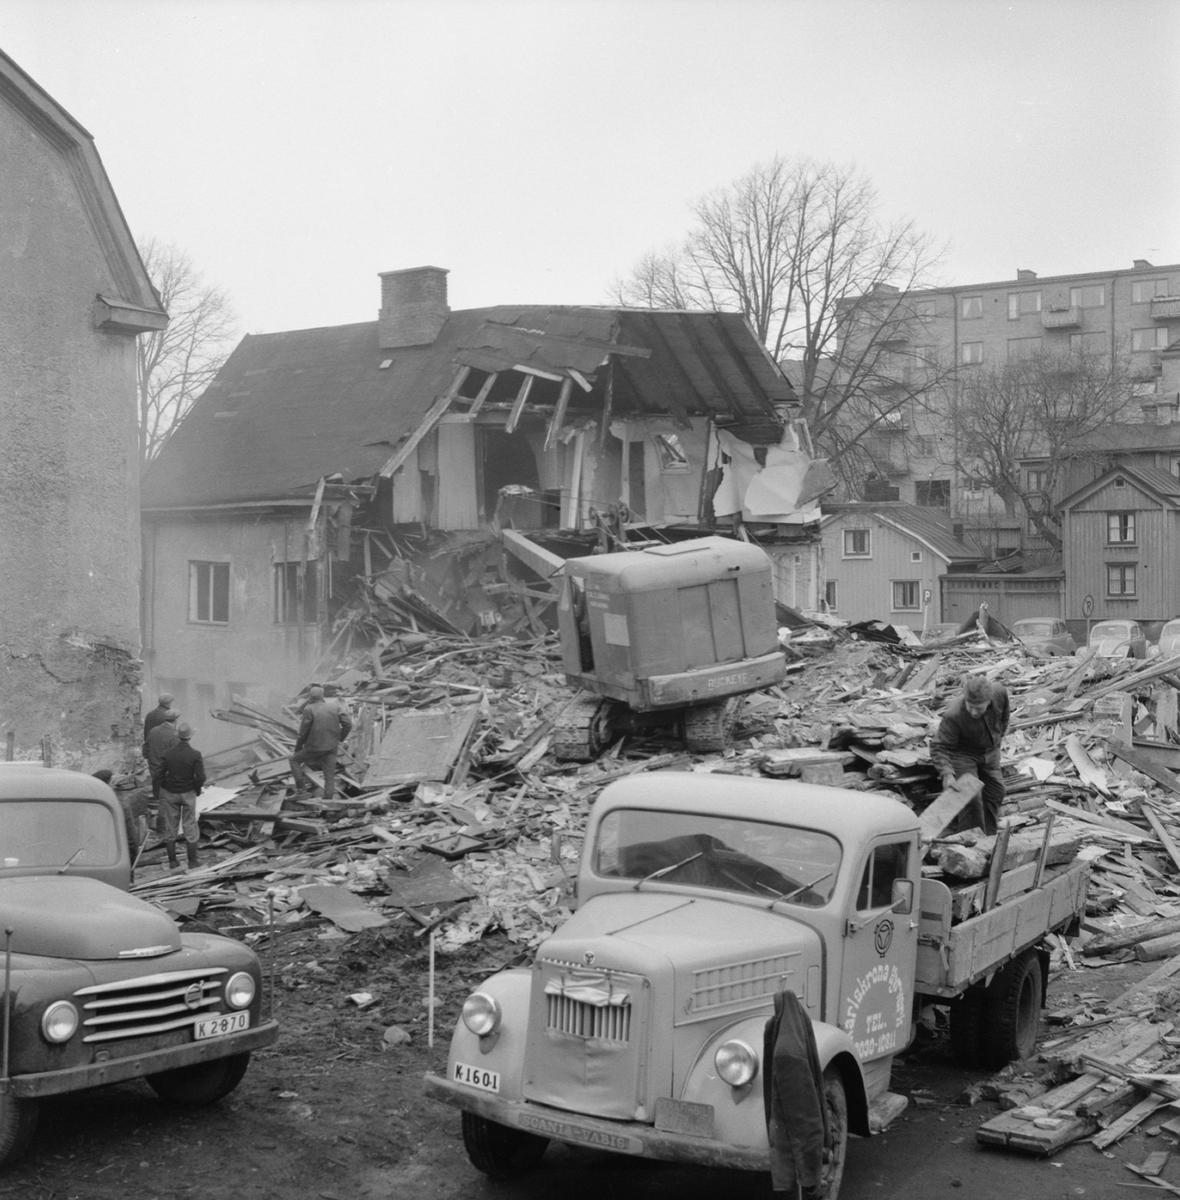 Övrigt: Fotodatum:4/1 1962. Närmast identisk bild: V23711, ej skannad. Rivning kv. Pollux amiralitetsgatan 25 Byggnader och Kranar